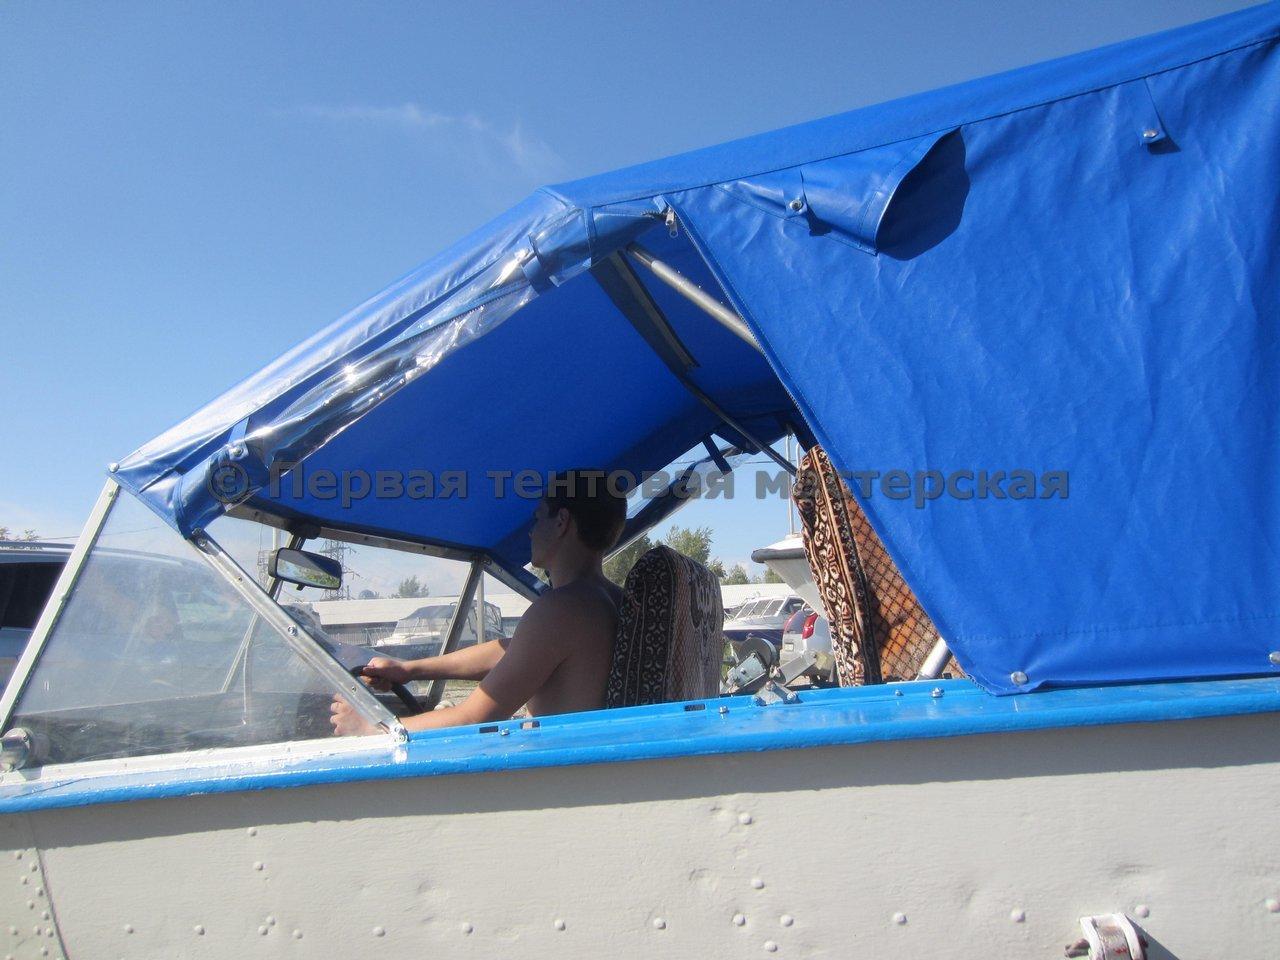 tents140611_006